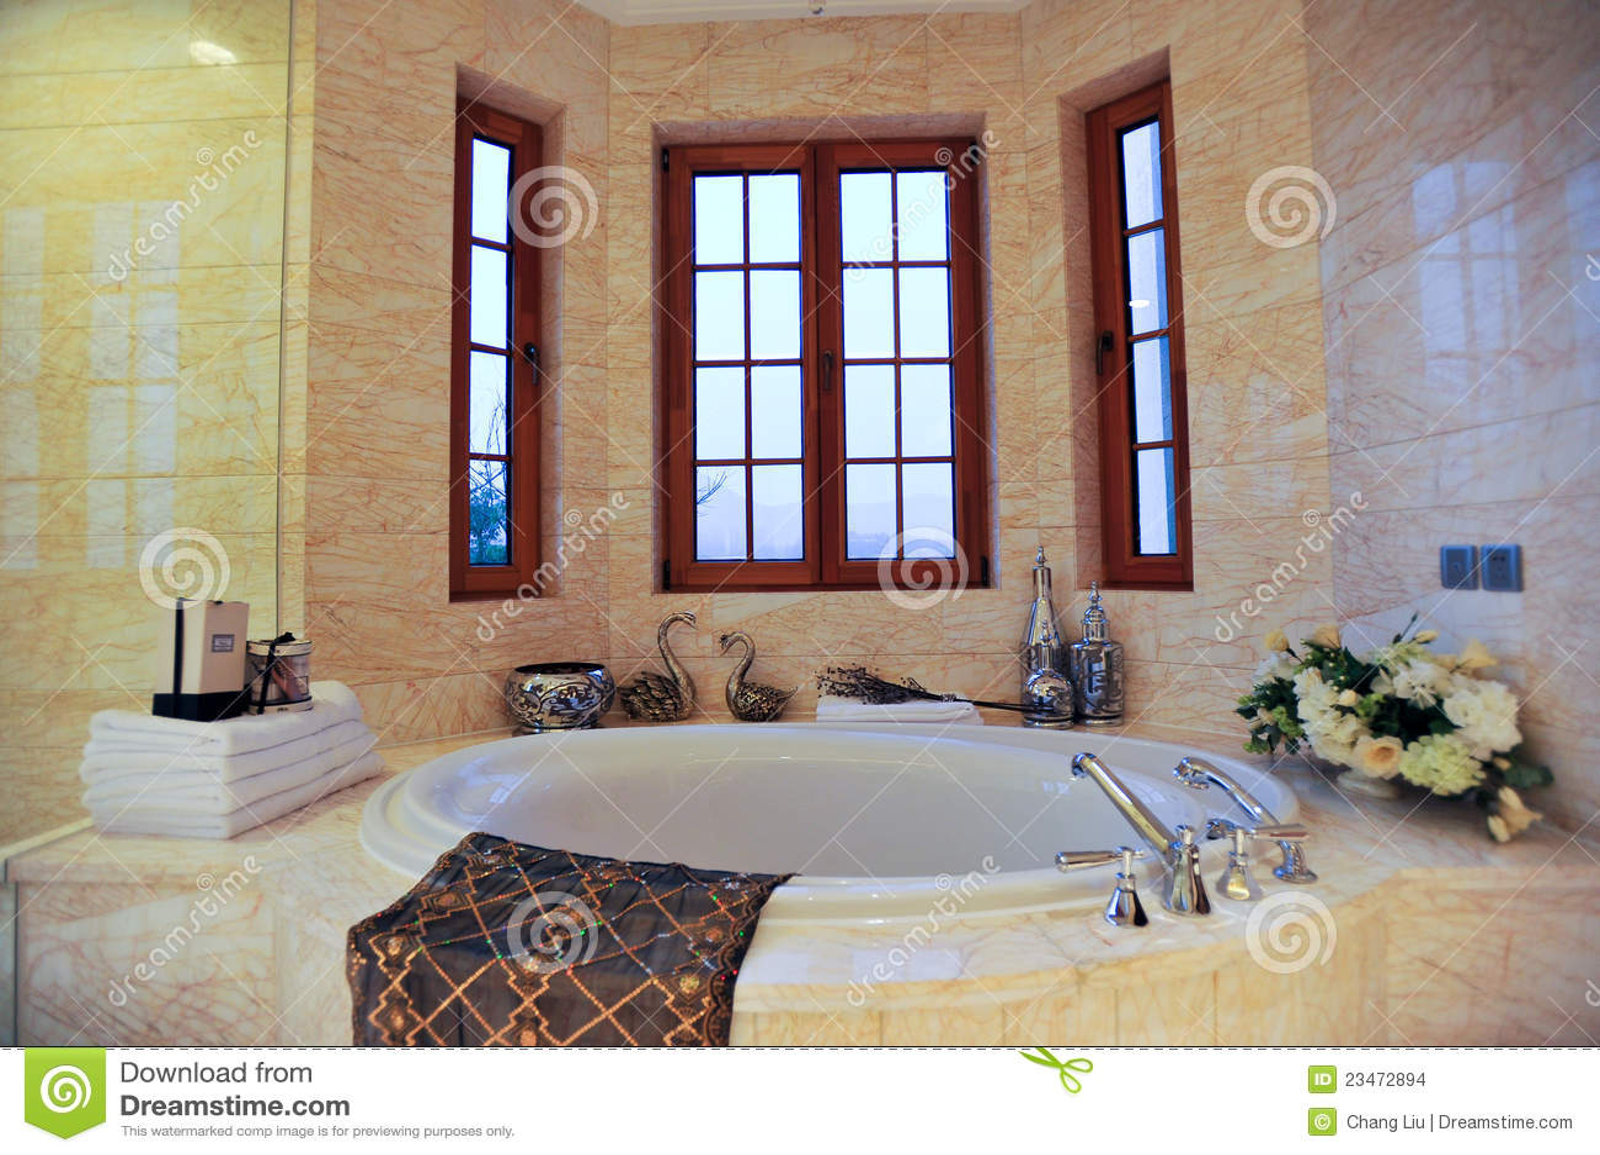 Banheira Redonda Imagens de Stock Imagem: 23472894 #67362E 1300x955 Banheiro Com Banheira Redonda